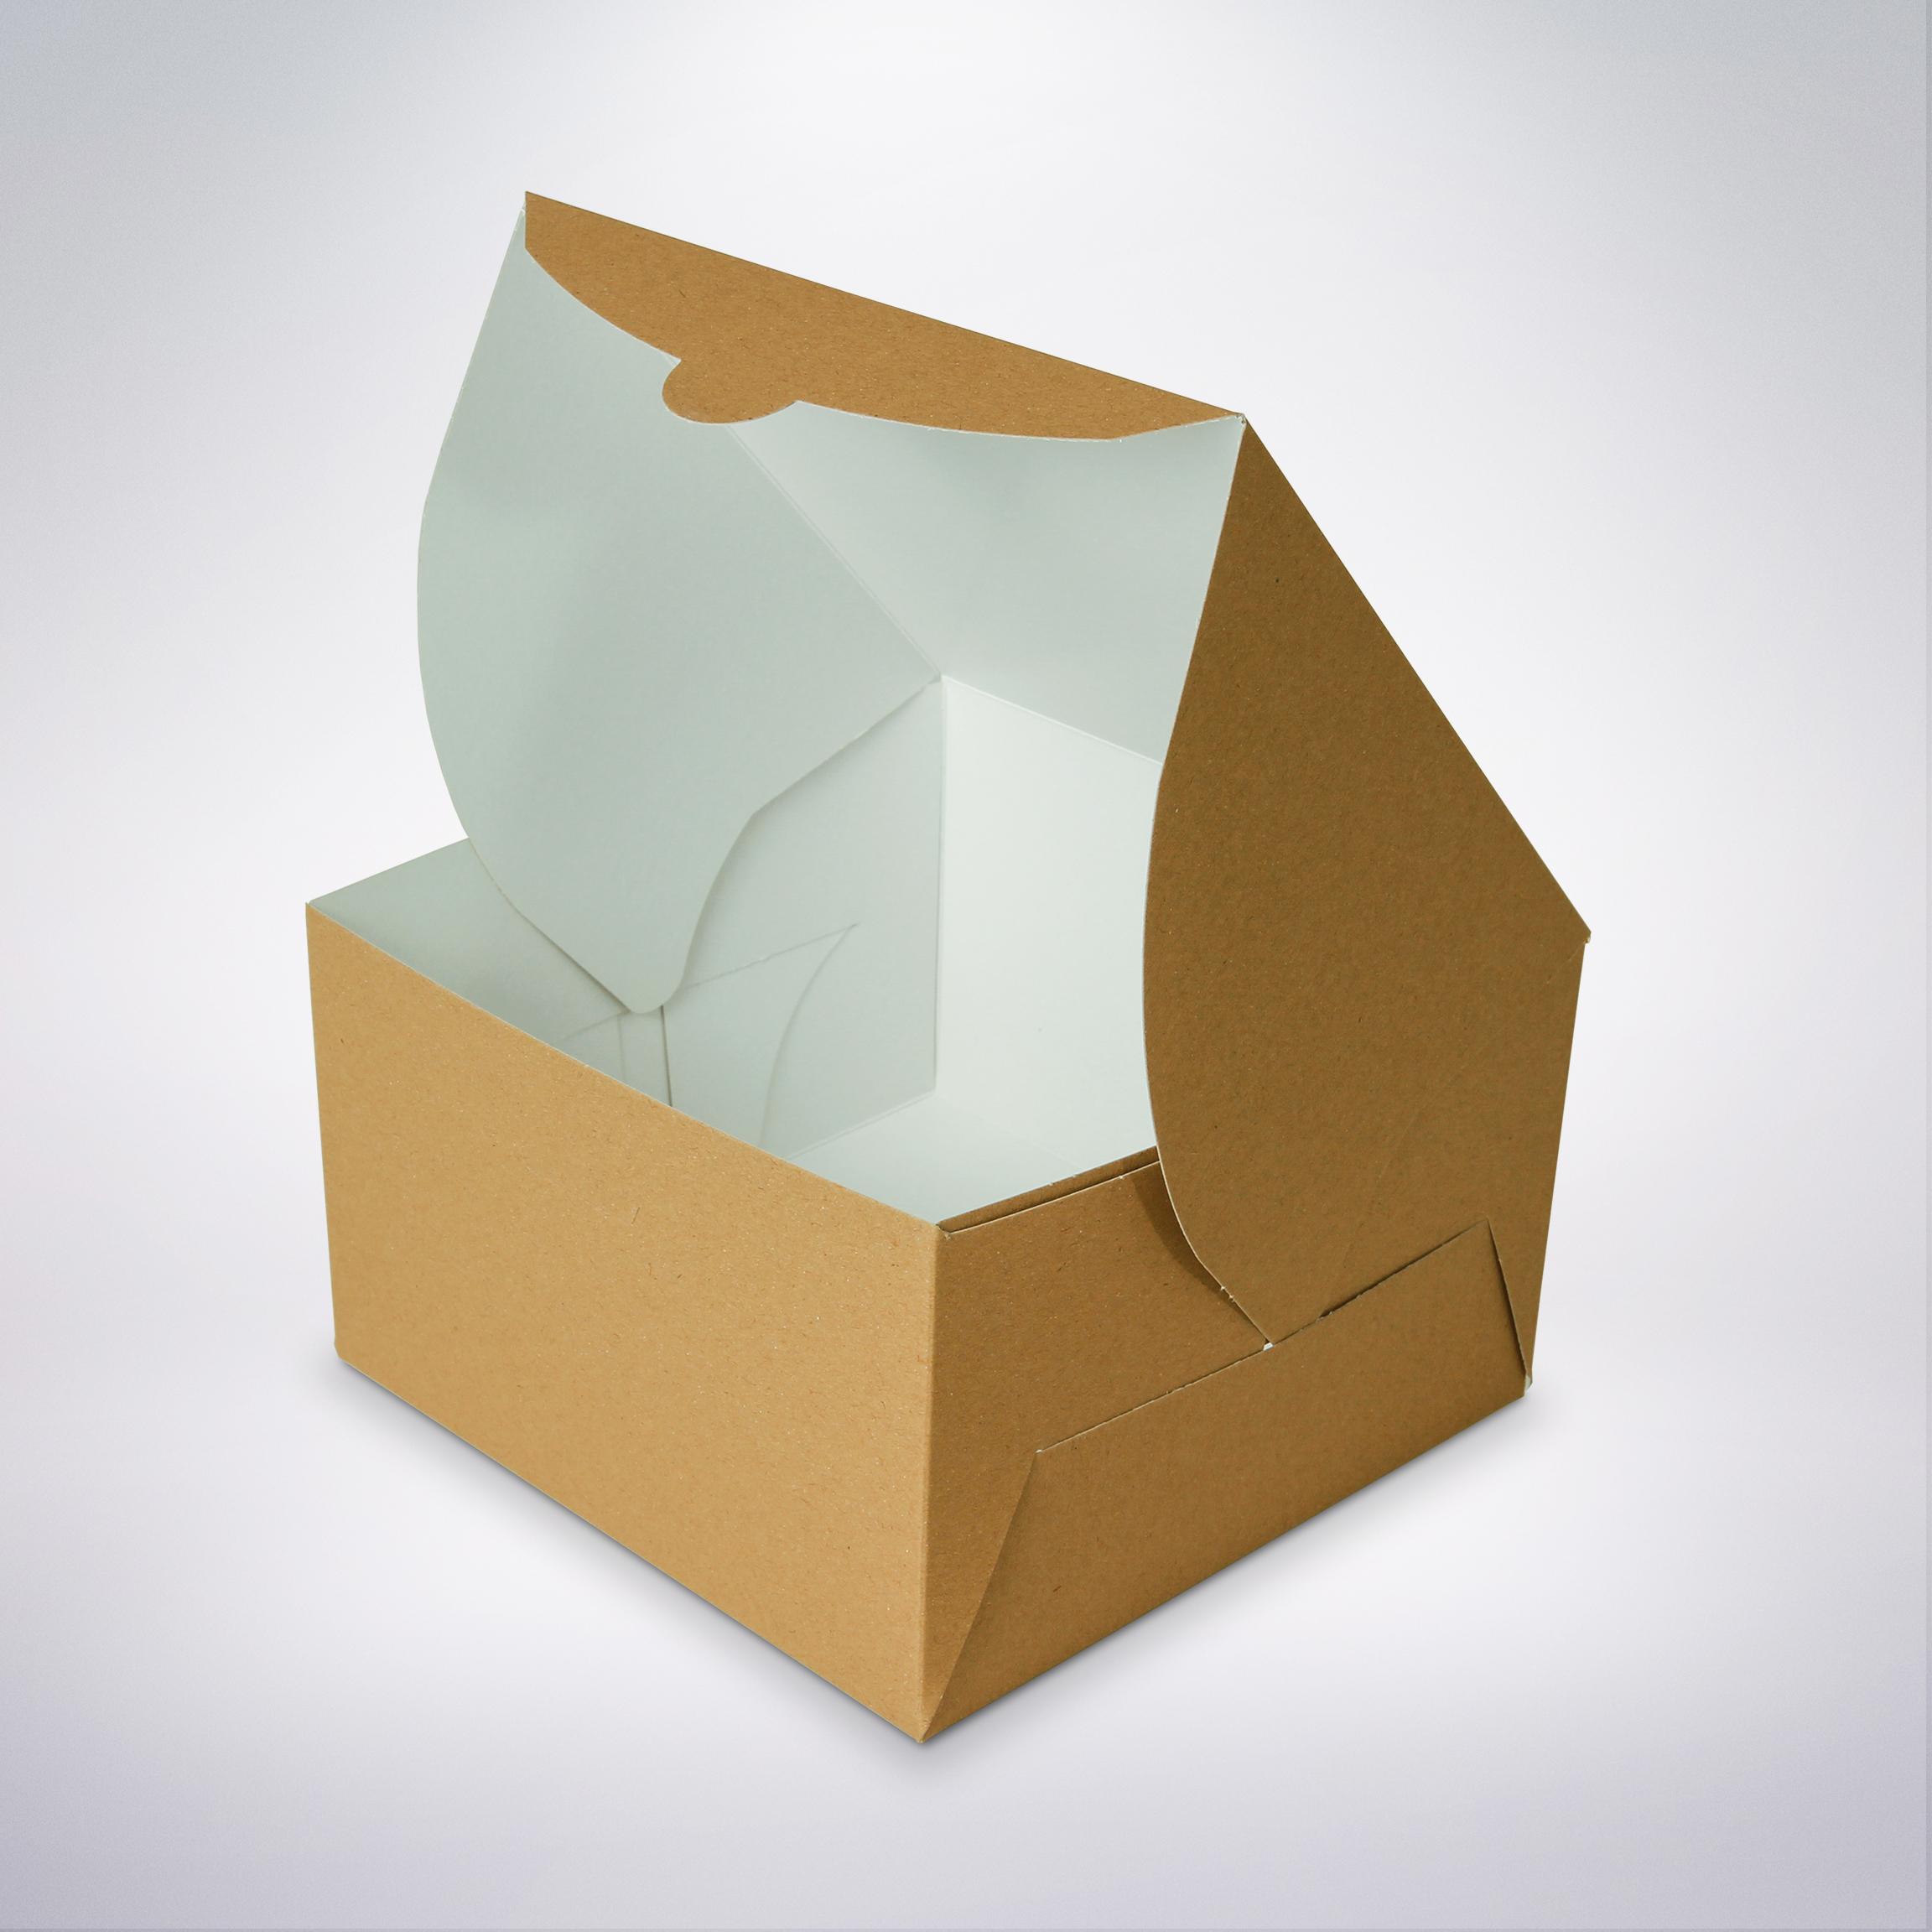 Cukrárska krabica eko 180x180x110